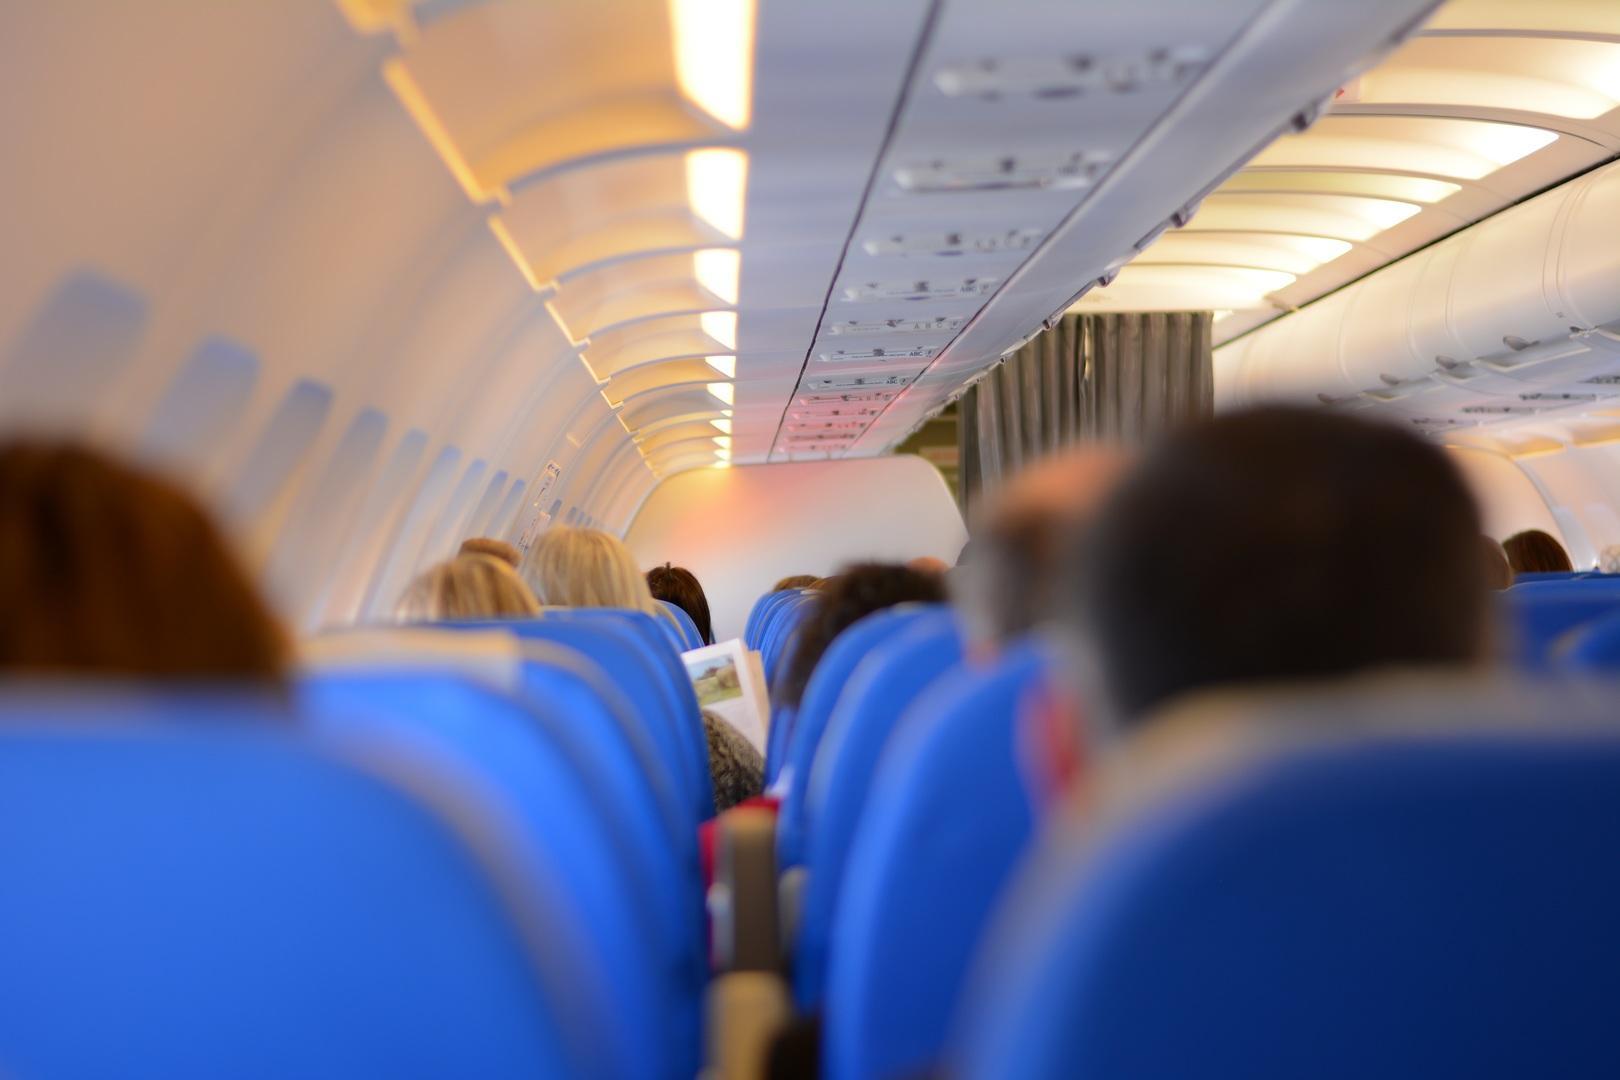 «Богачи негодуют»: пассажир премиум-класса AirAsia выгнал нахальную женщину вэконом